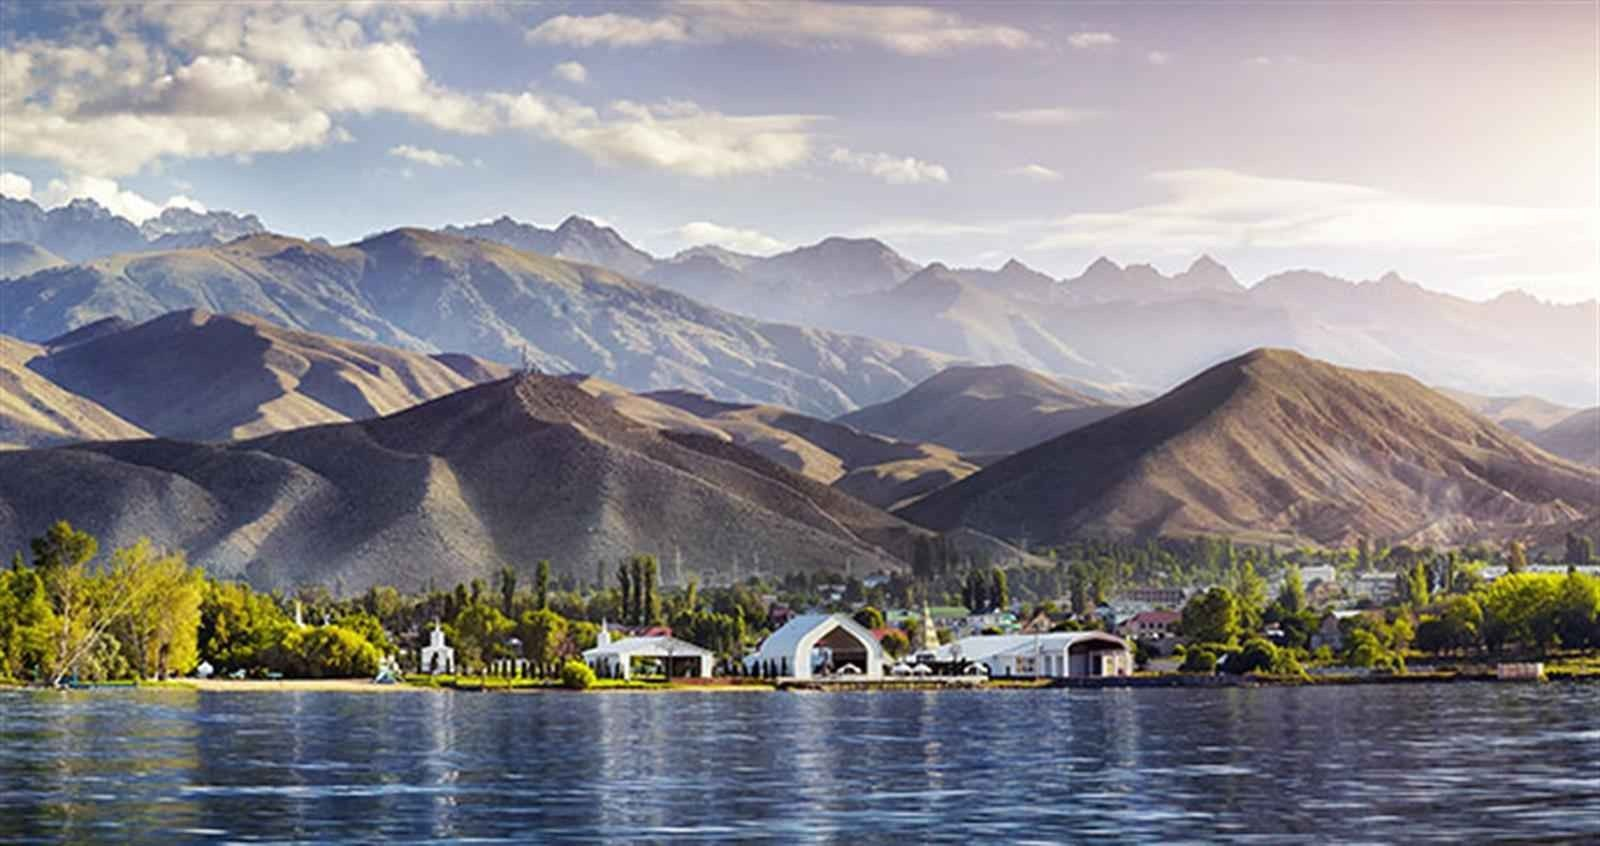 الخطوط الجوية الصينية الجنوبية تقدم الطرق الدولية في قيرغيزستان